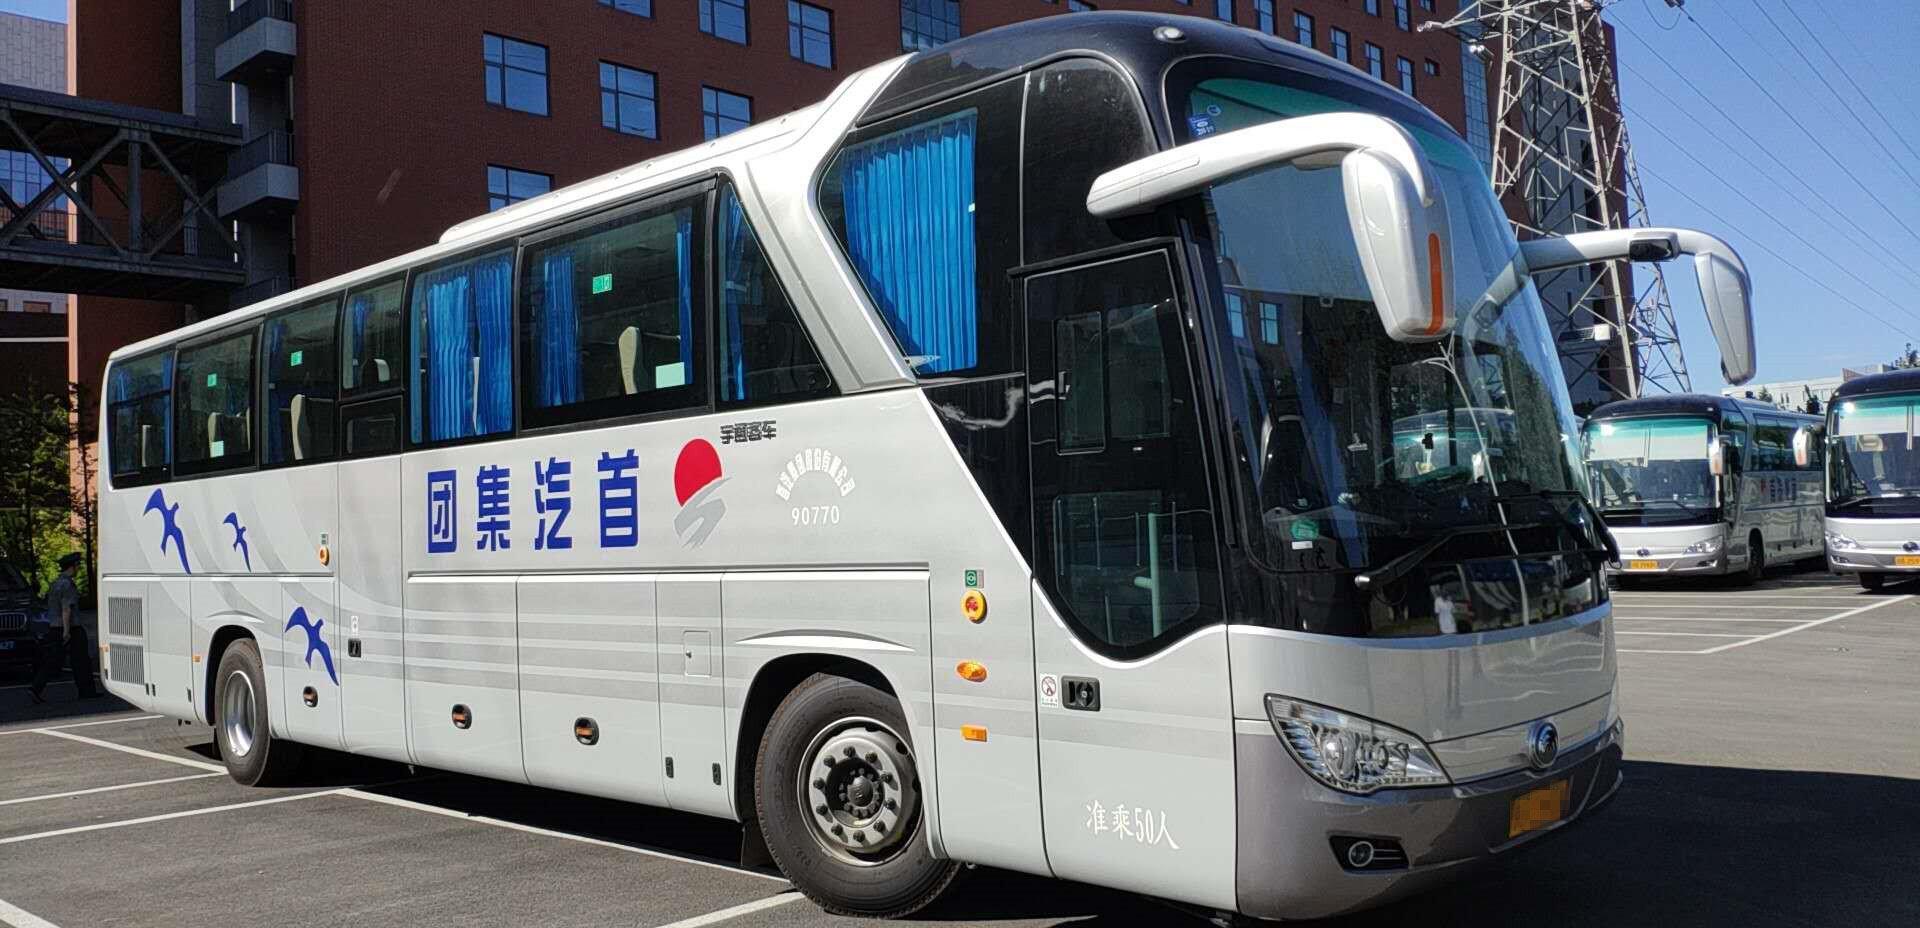 大巴车租赁价格表-大巴车租赁价格多少钱插图1